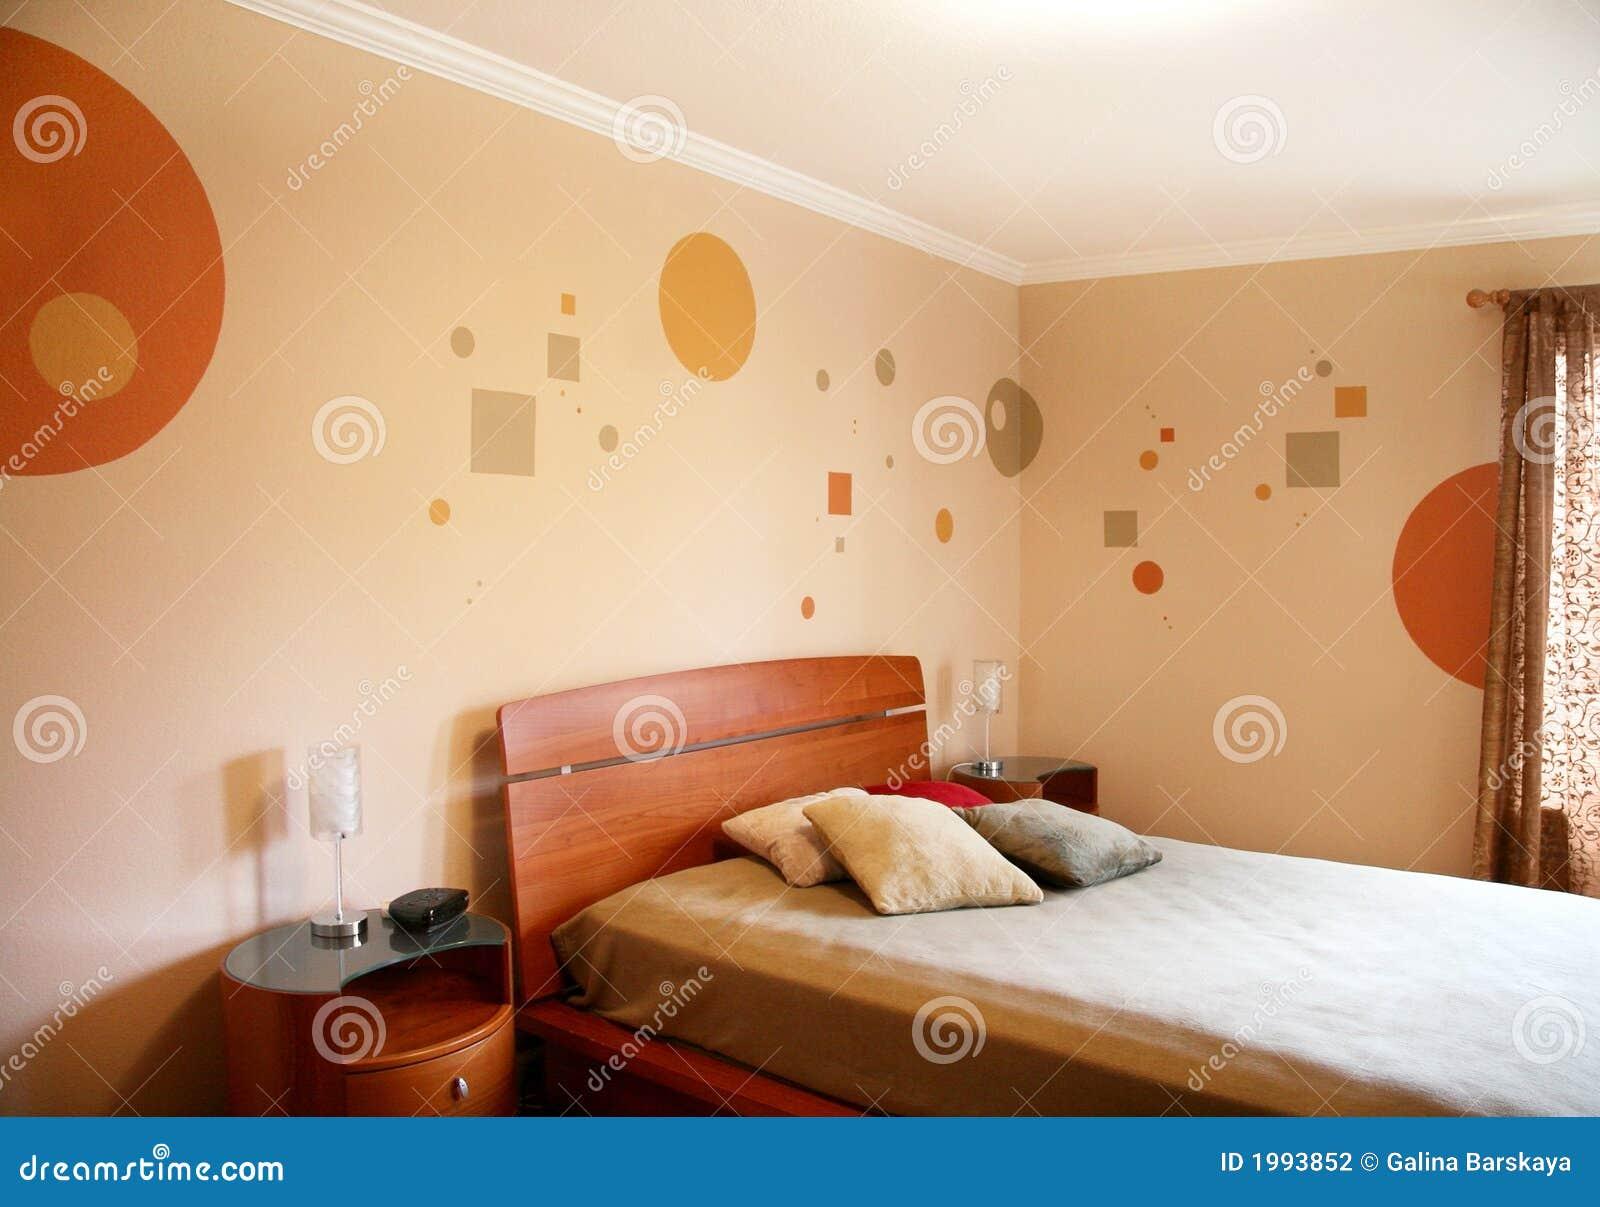 Disegno in camera da letto moderna fotografia stock for Disegni di casa italiana moderna